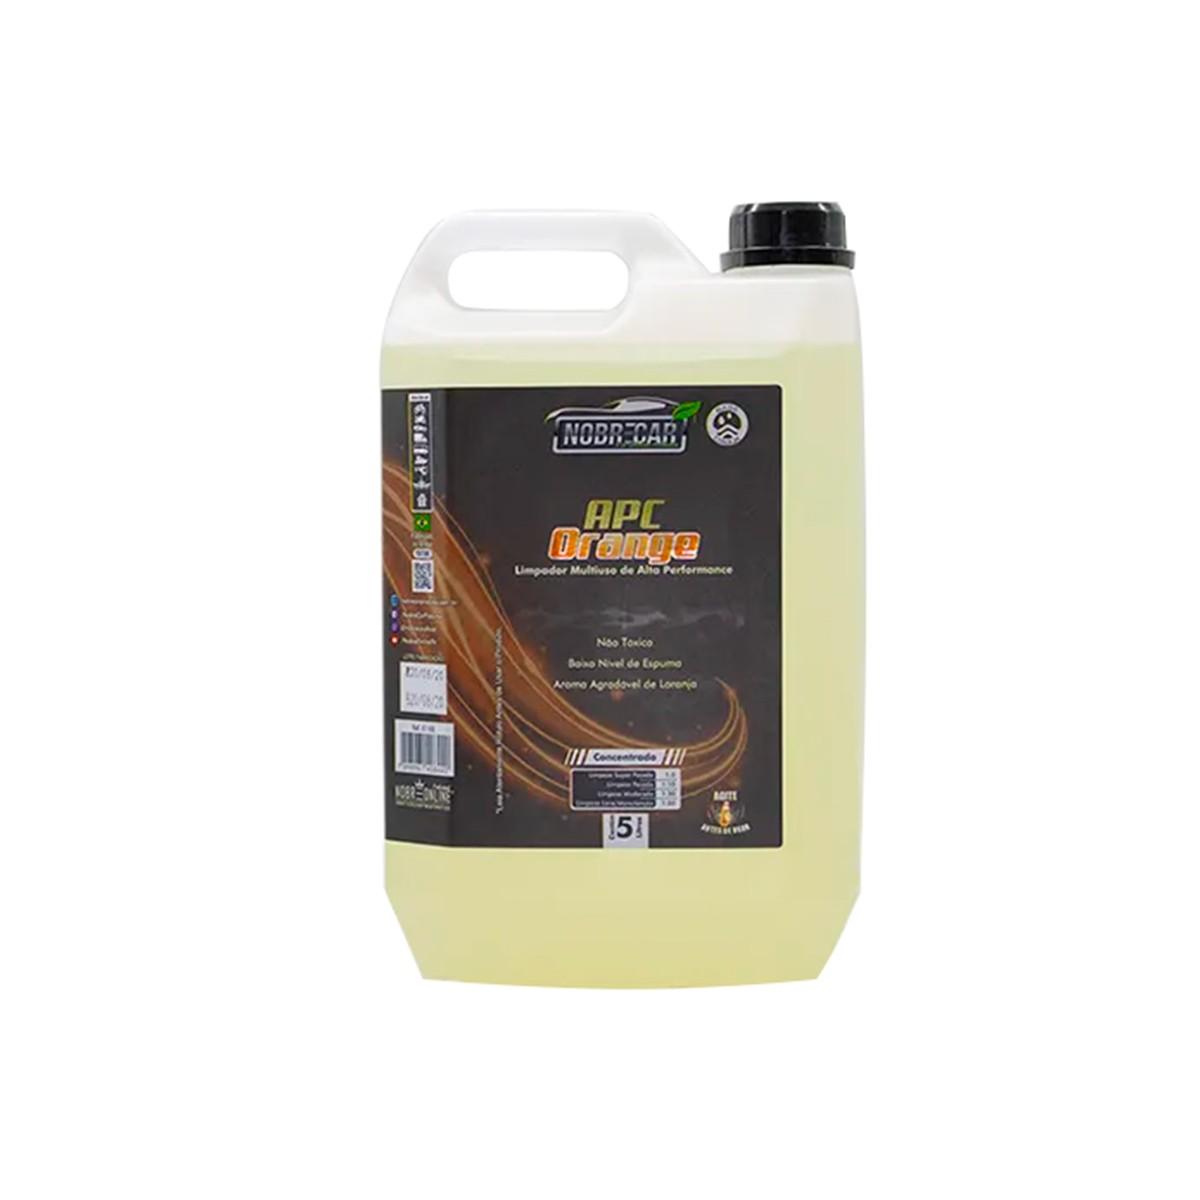 APC Orange - Limpador de Interiores de Alta Performance - Nobrecar